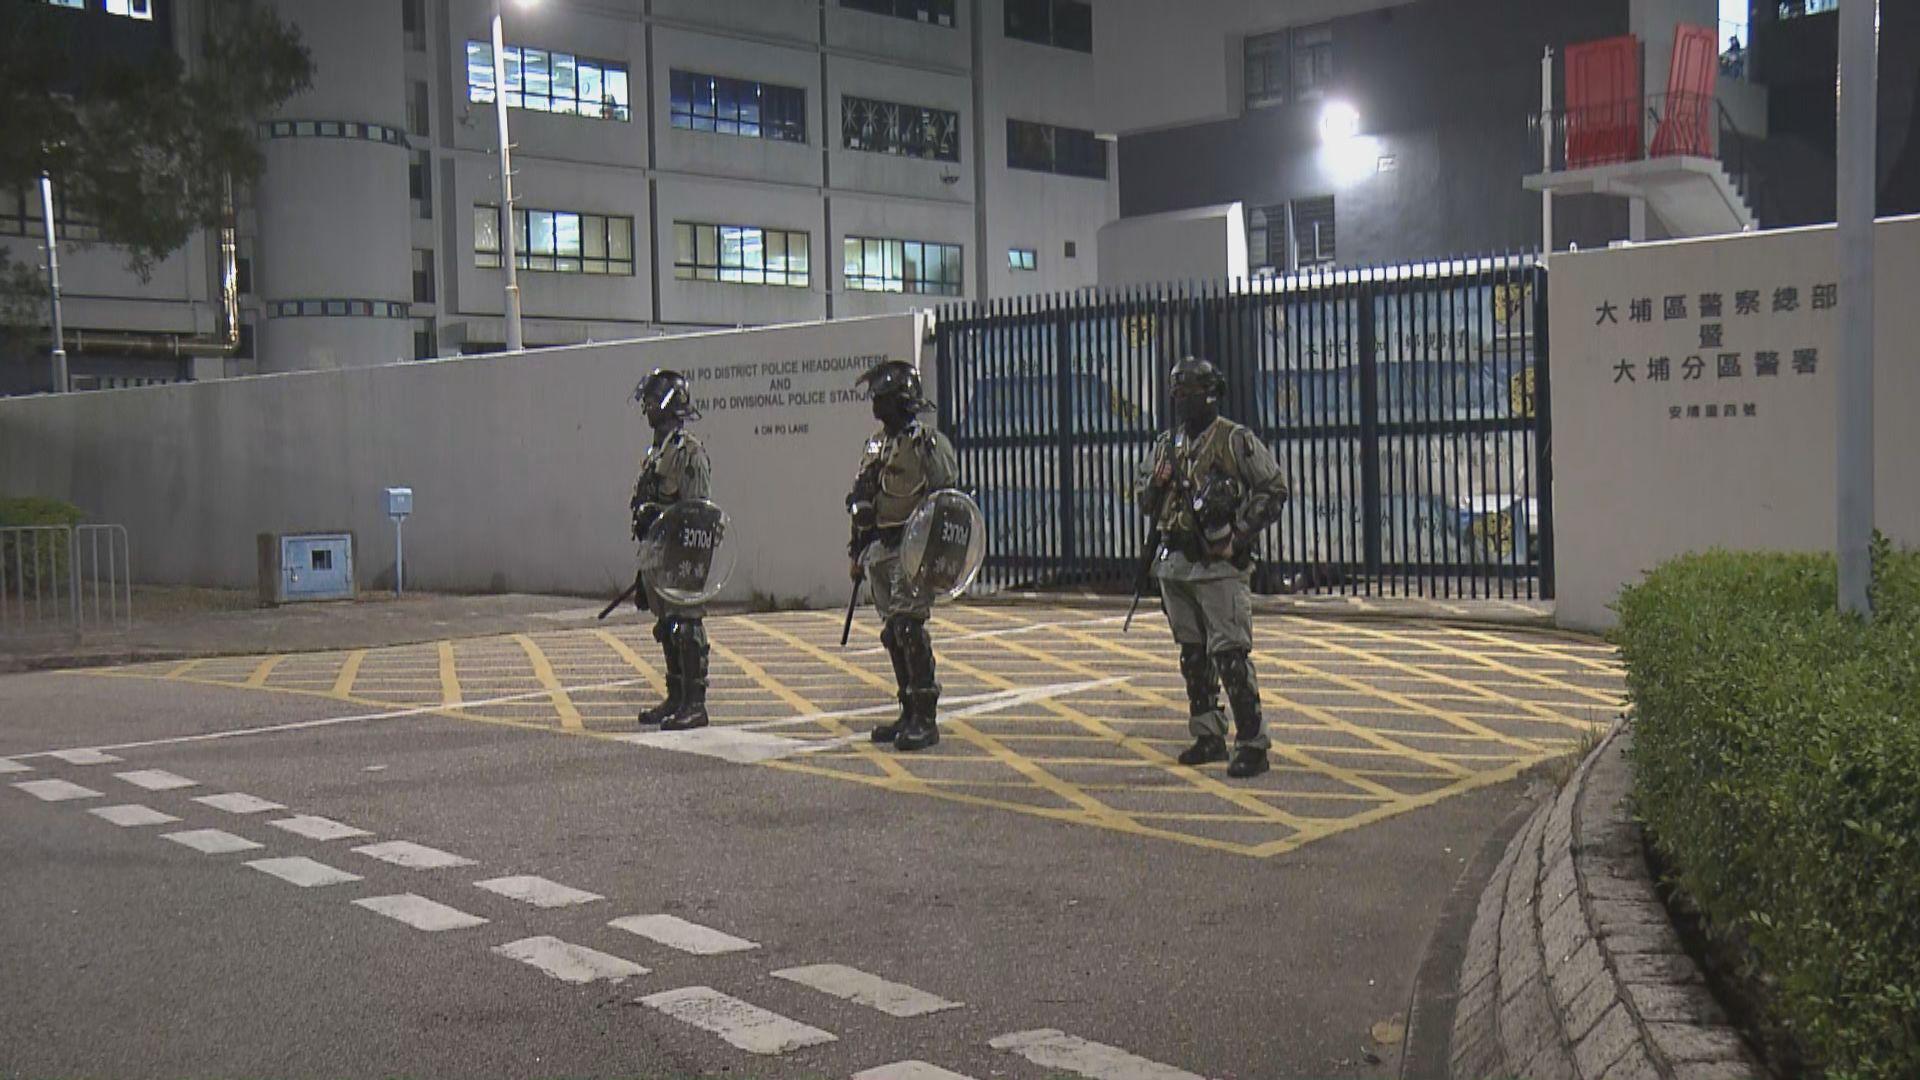 大埔警署被擲汽油彈 無人受傷